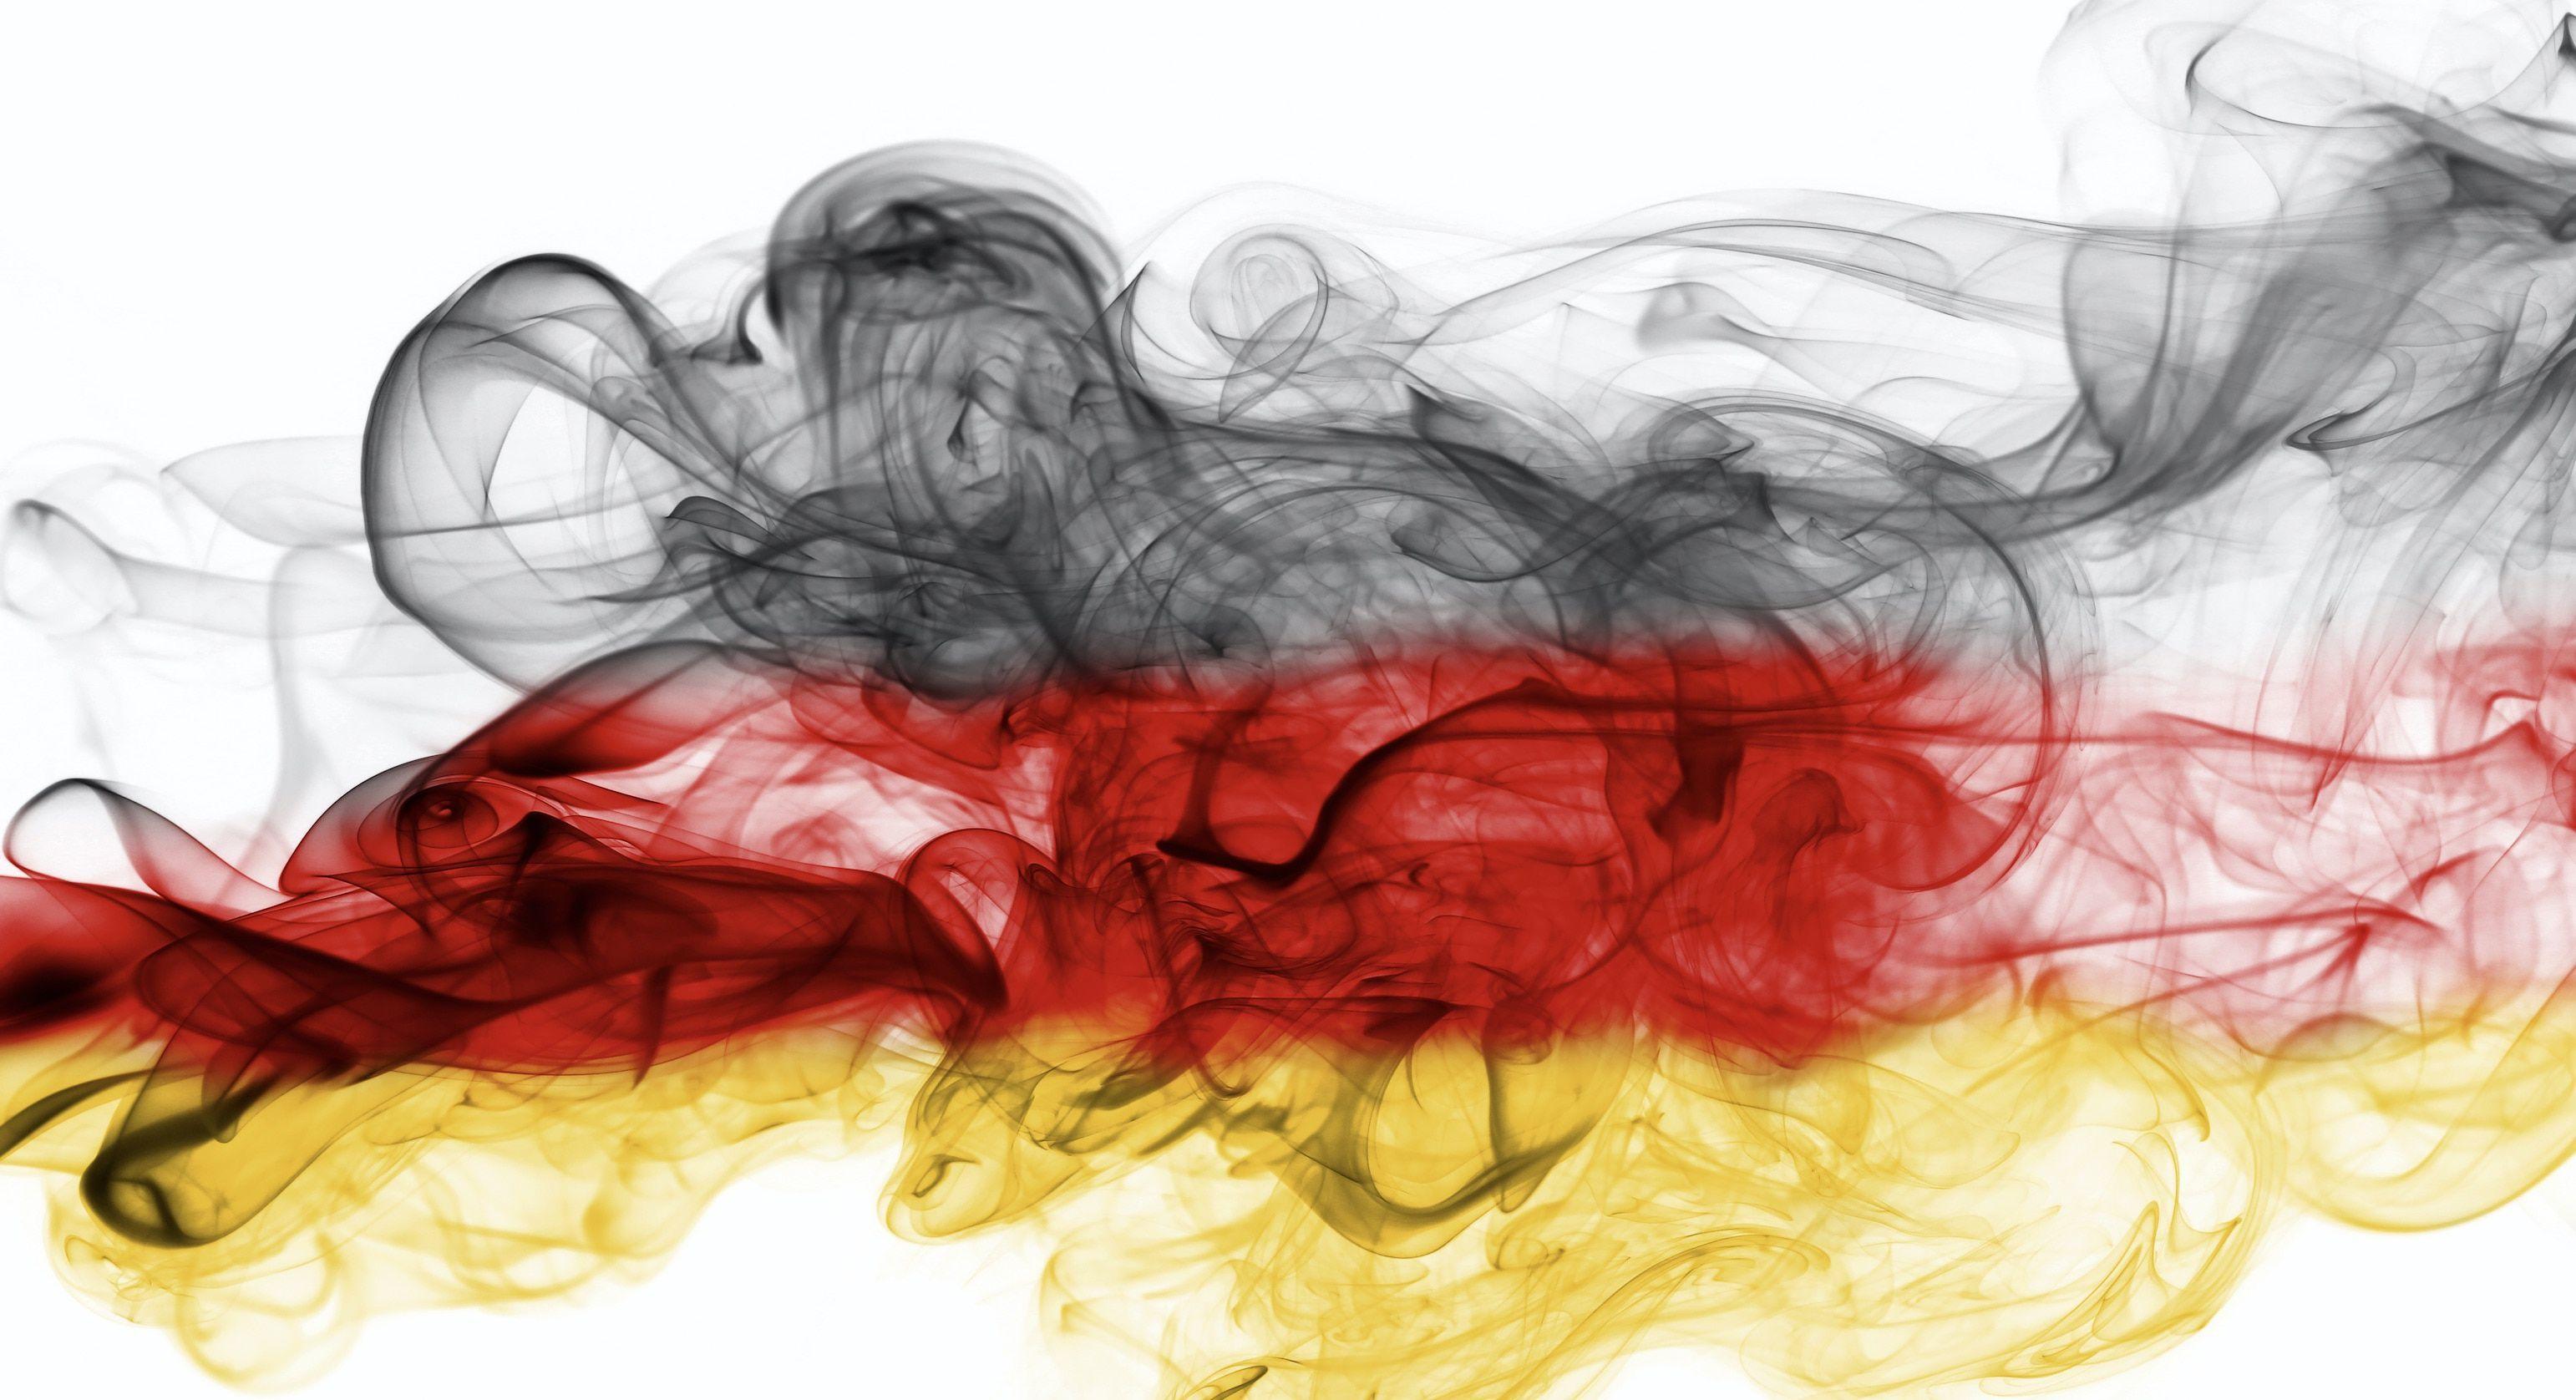 30 witzige Bilder, die Deutschland so ziemlich auf den Punkt bringen!